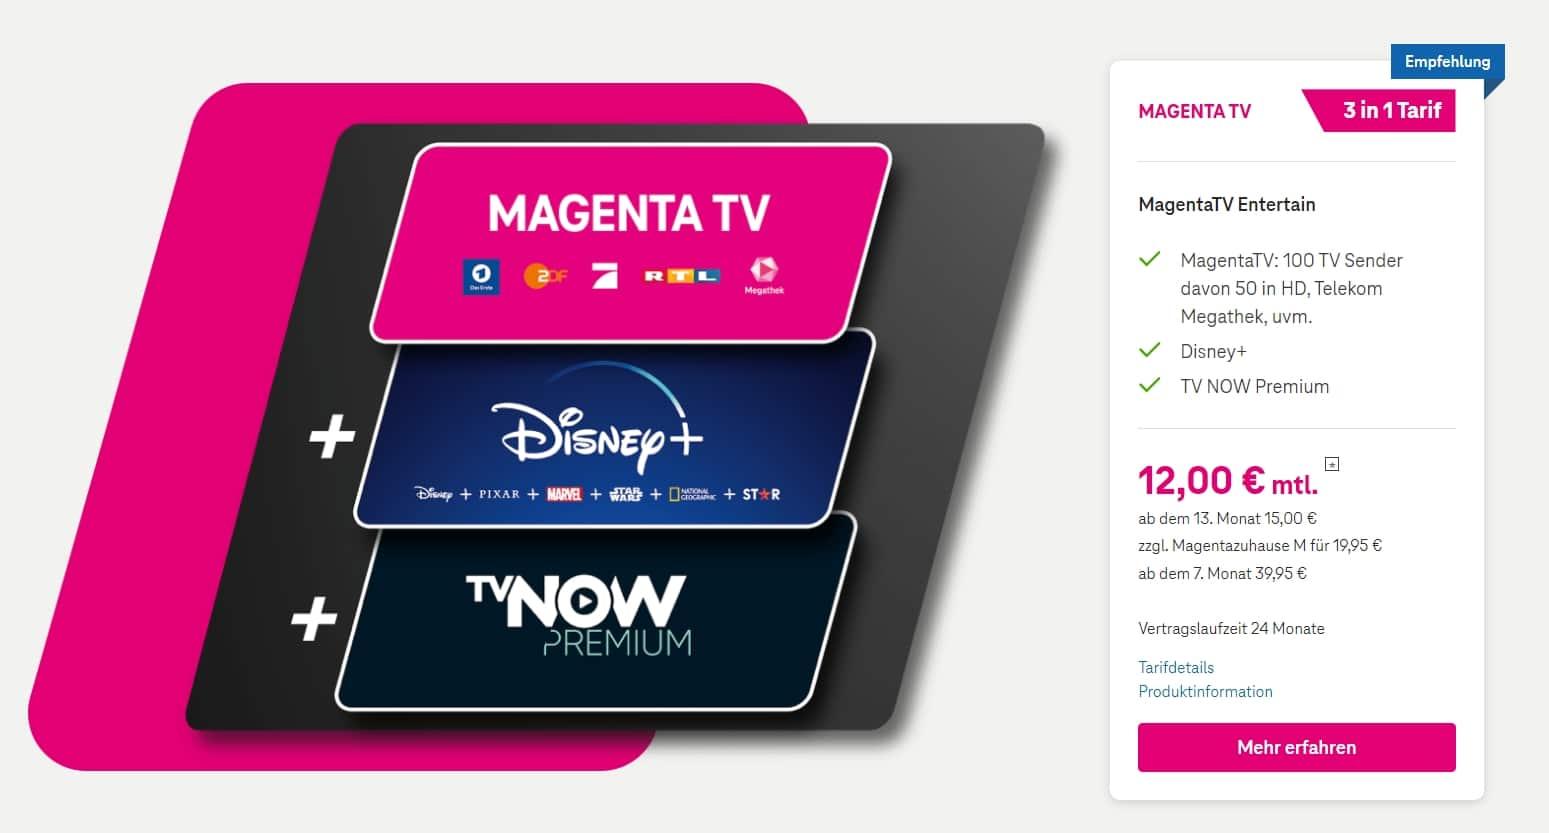 NEU: MagentaTV + TVNOW + Disney+ nur 12€/Monat!